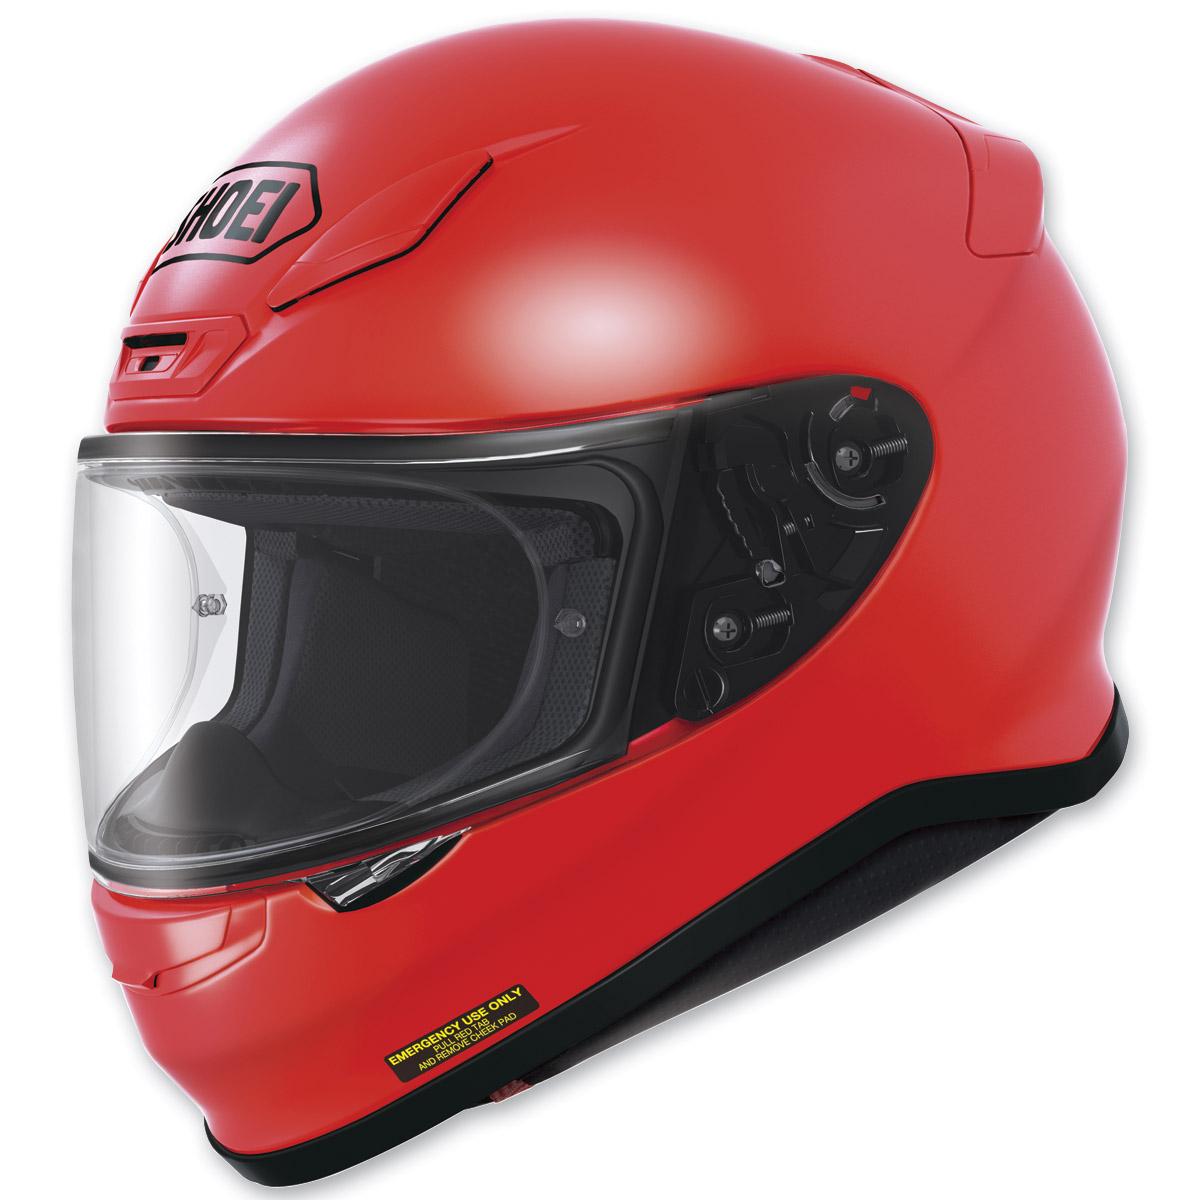 Shoei RF-1200 Shine Red Full Face Helmet